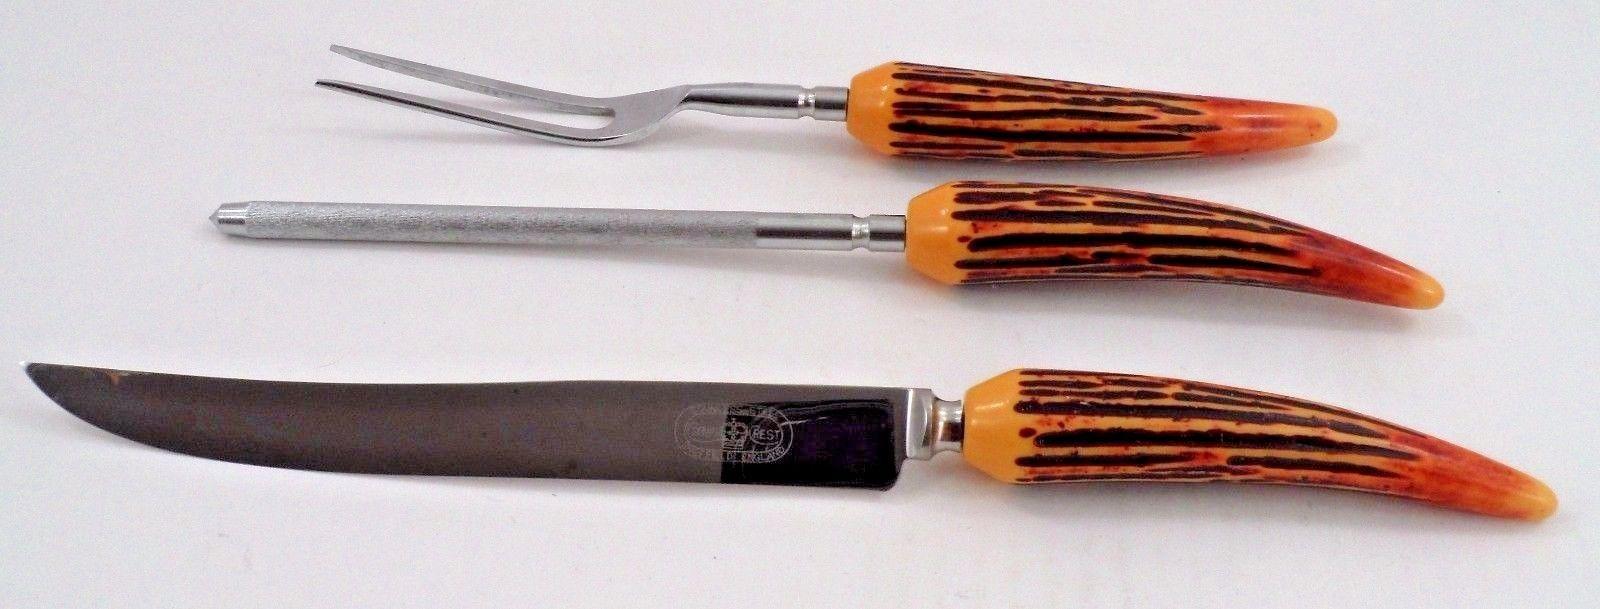 Vtg 3 Pc Stainless Carving Set Crown Crest Sheffield Knife Fork Sharpening Steel - $26.68